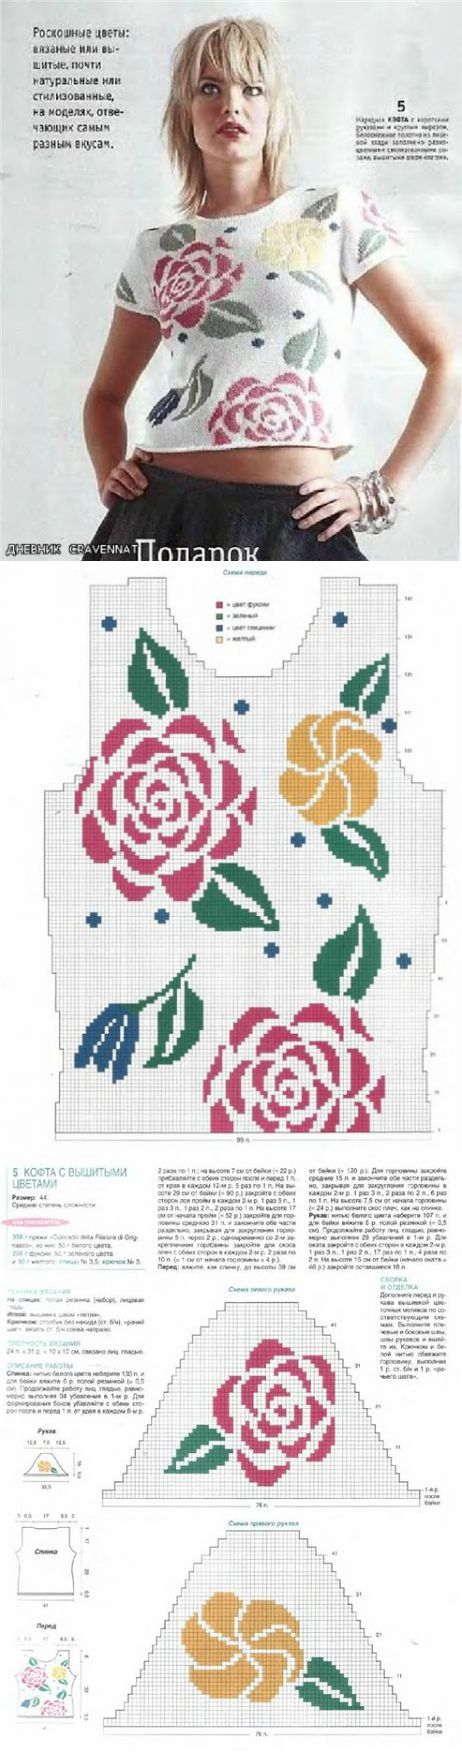 Roses - agujas jacquard (selección)